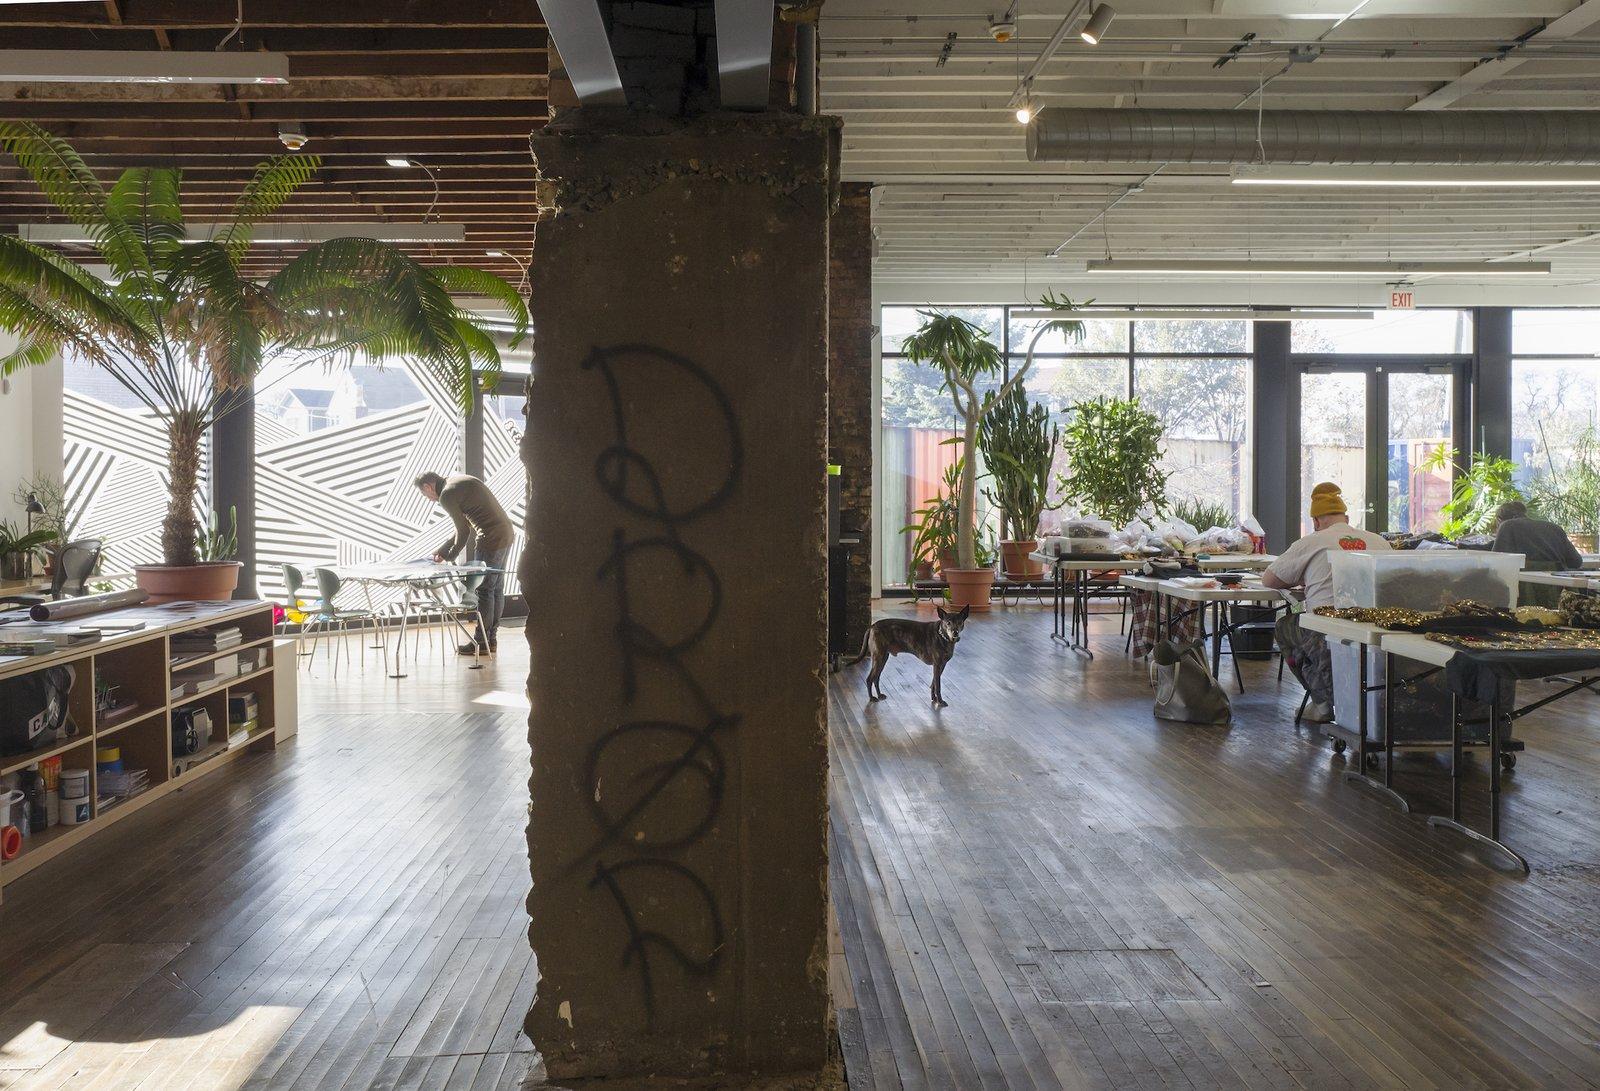 Studio at Facility by Carlo Parente Architecture.